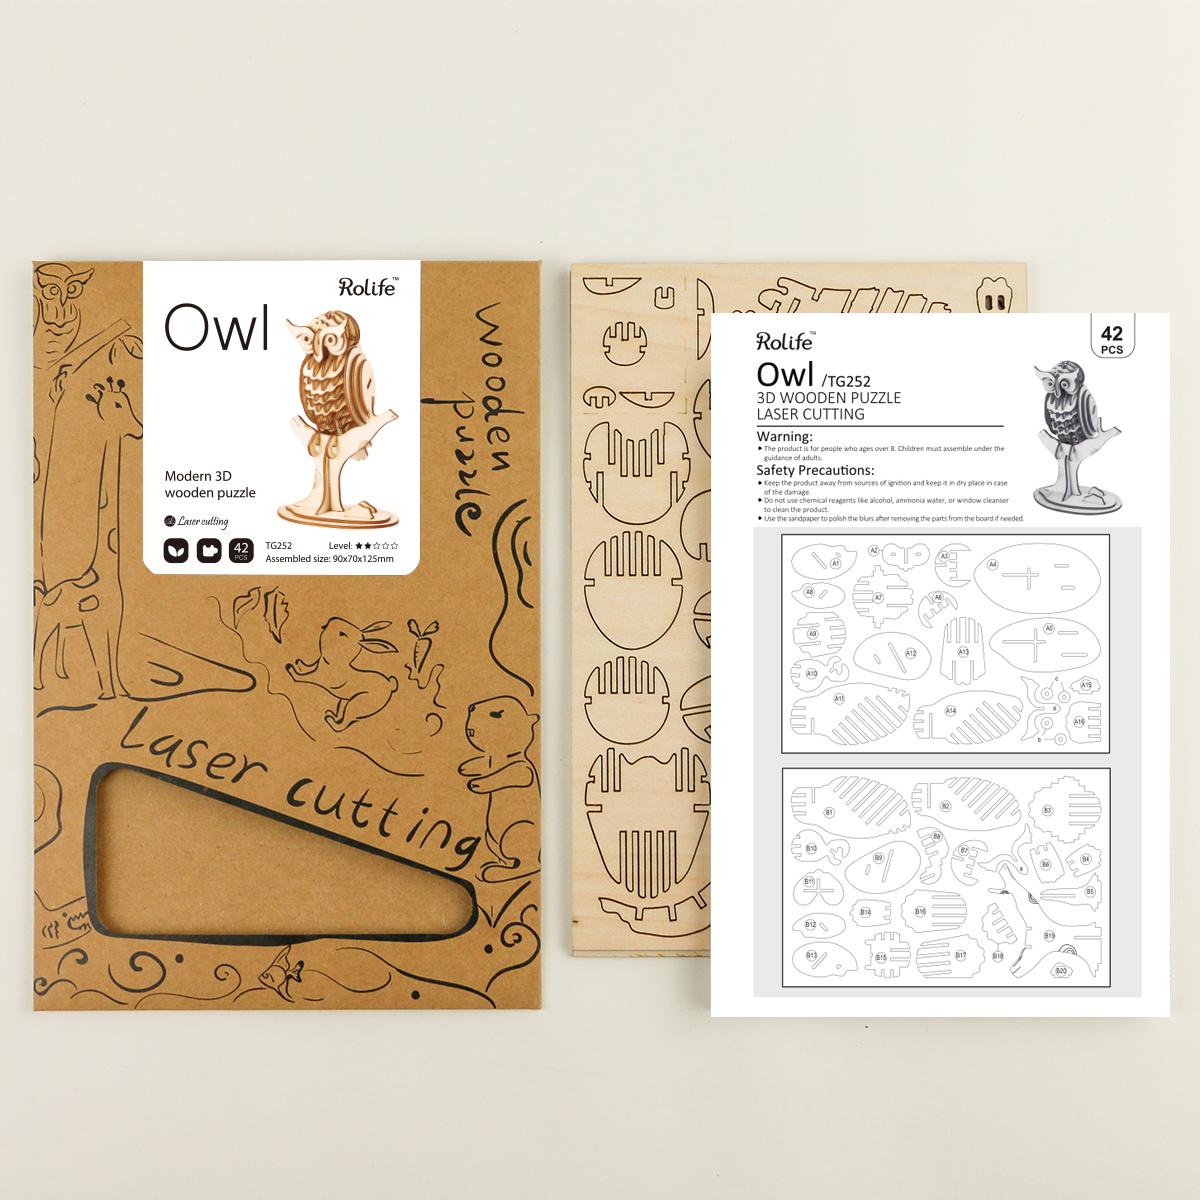 Owl TG252